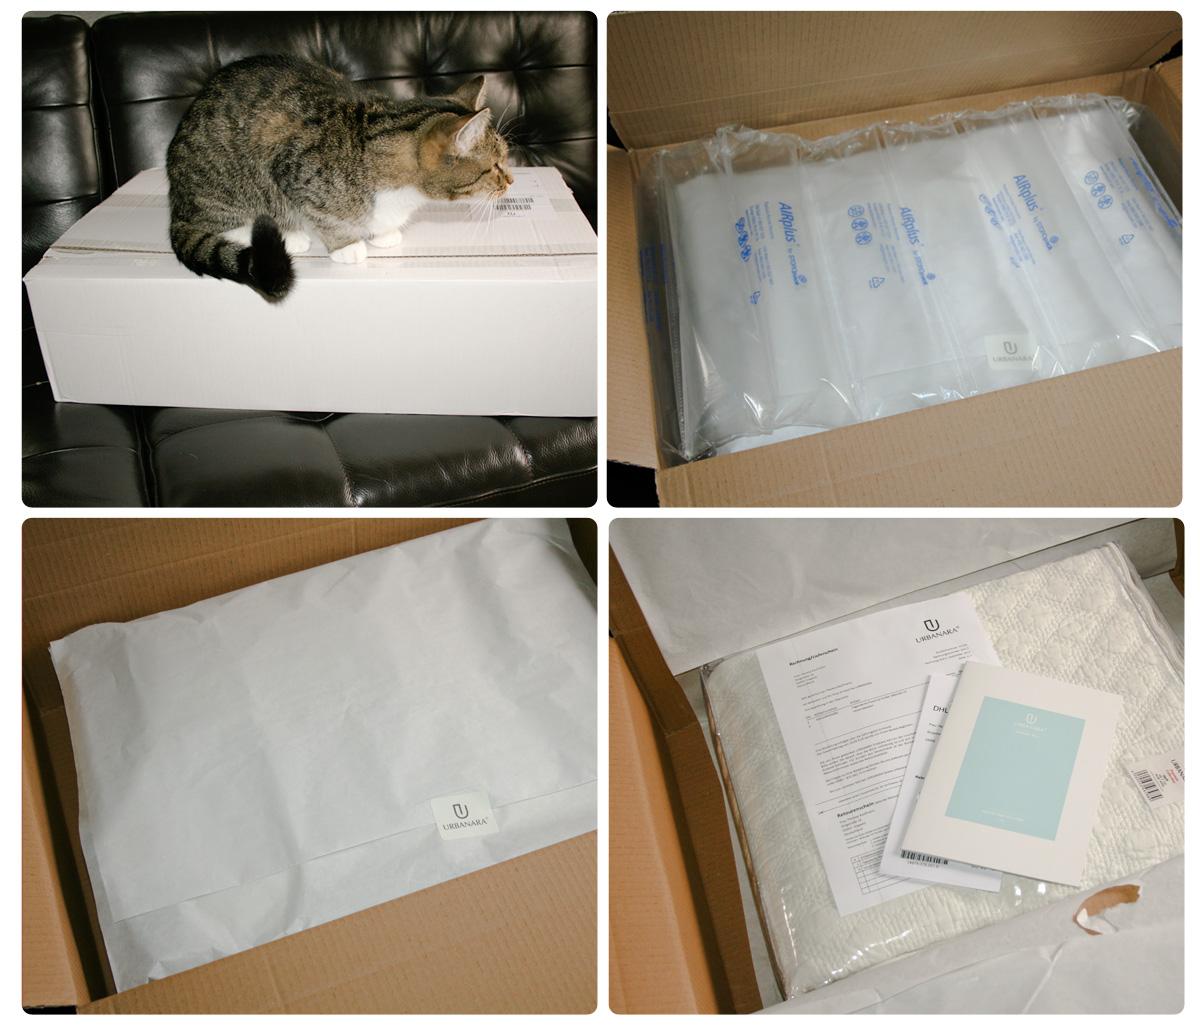 Die URBANARA-Lieferung: Die Tagesdecke war in Seidenpapier gehüllt, das von einem URBANARA-Sticker zusammengehalten war.